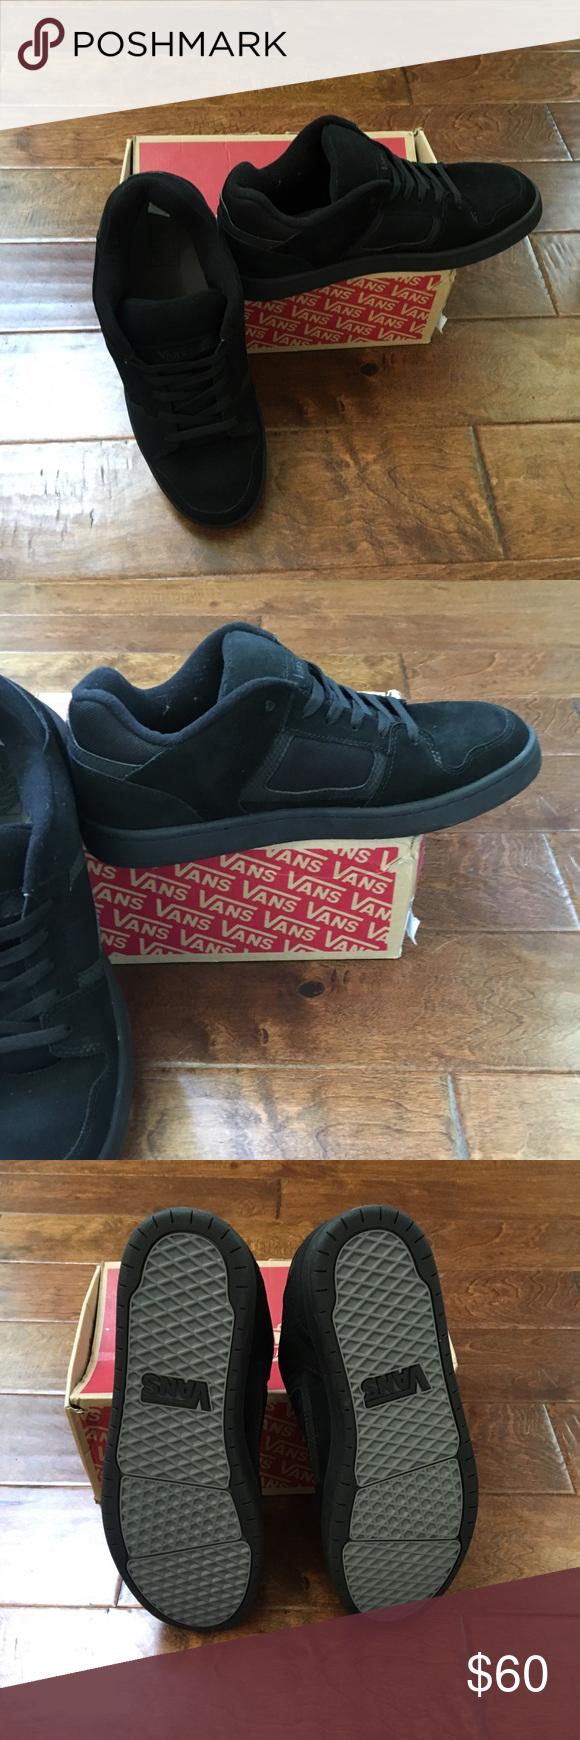 ac04ae337d Vans Men s Docket Skate Shoe Brand New!! Never worn